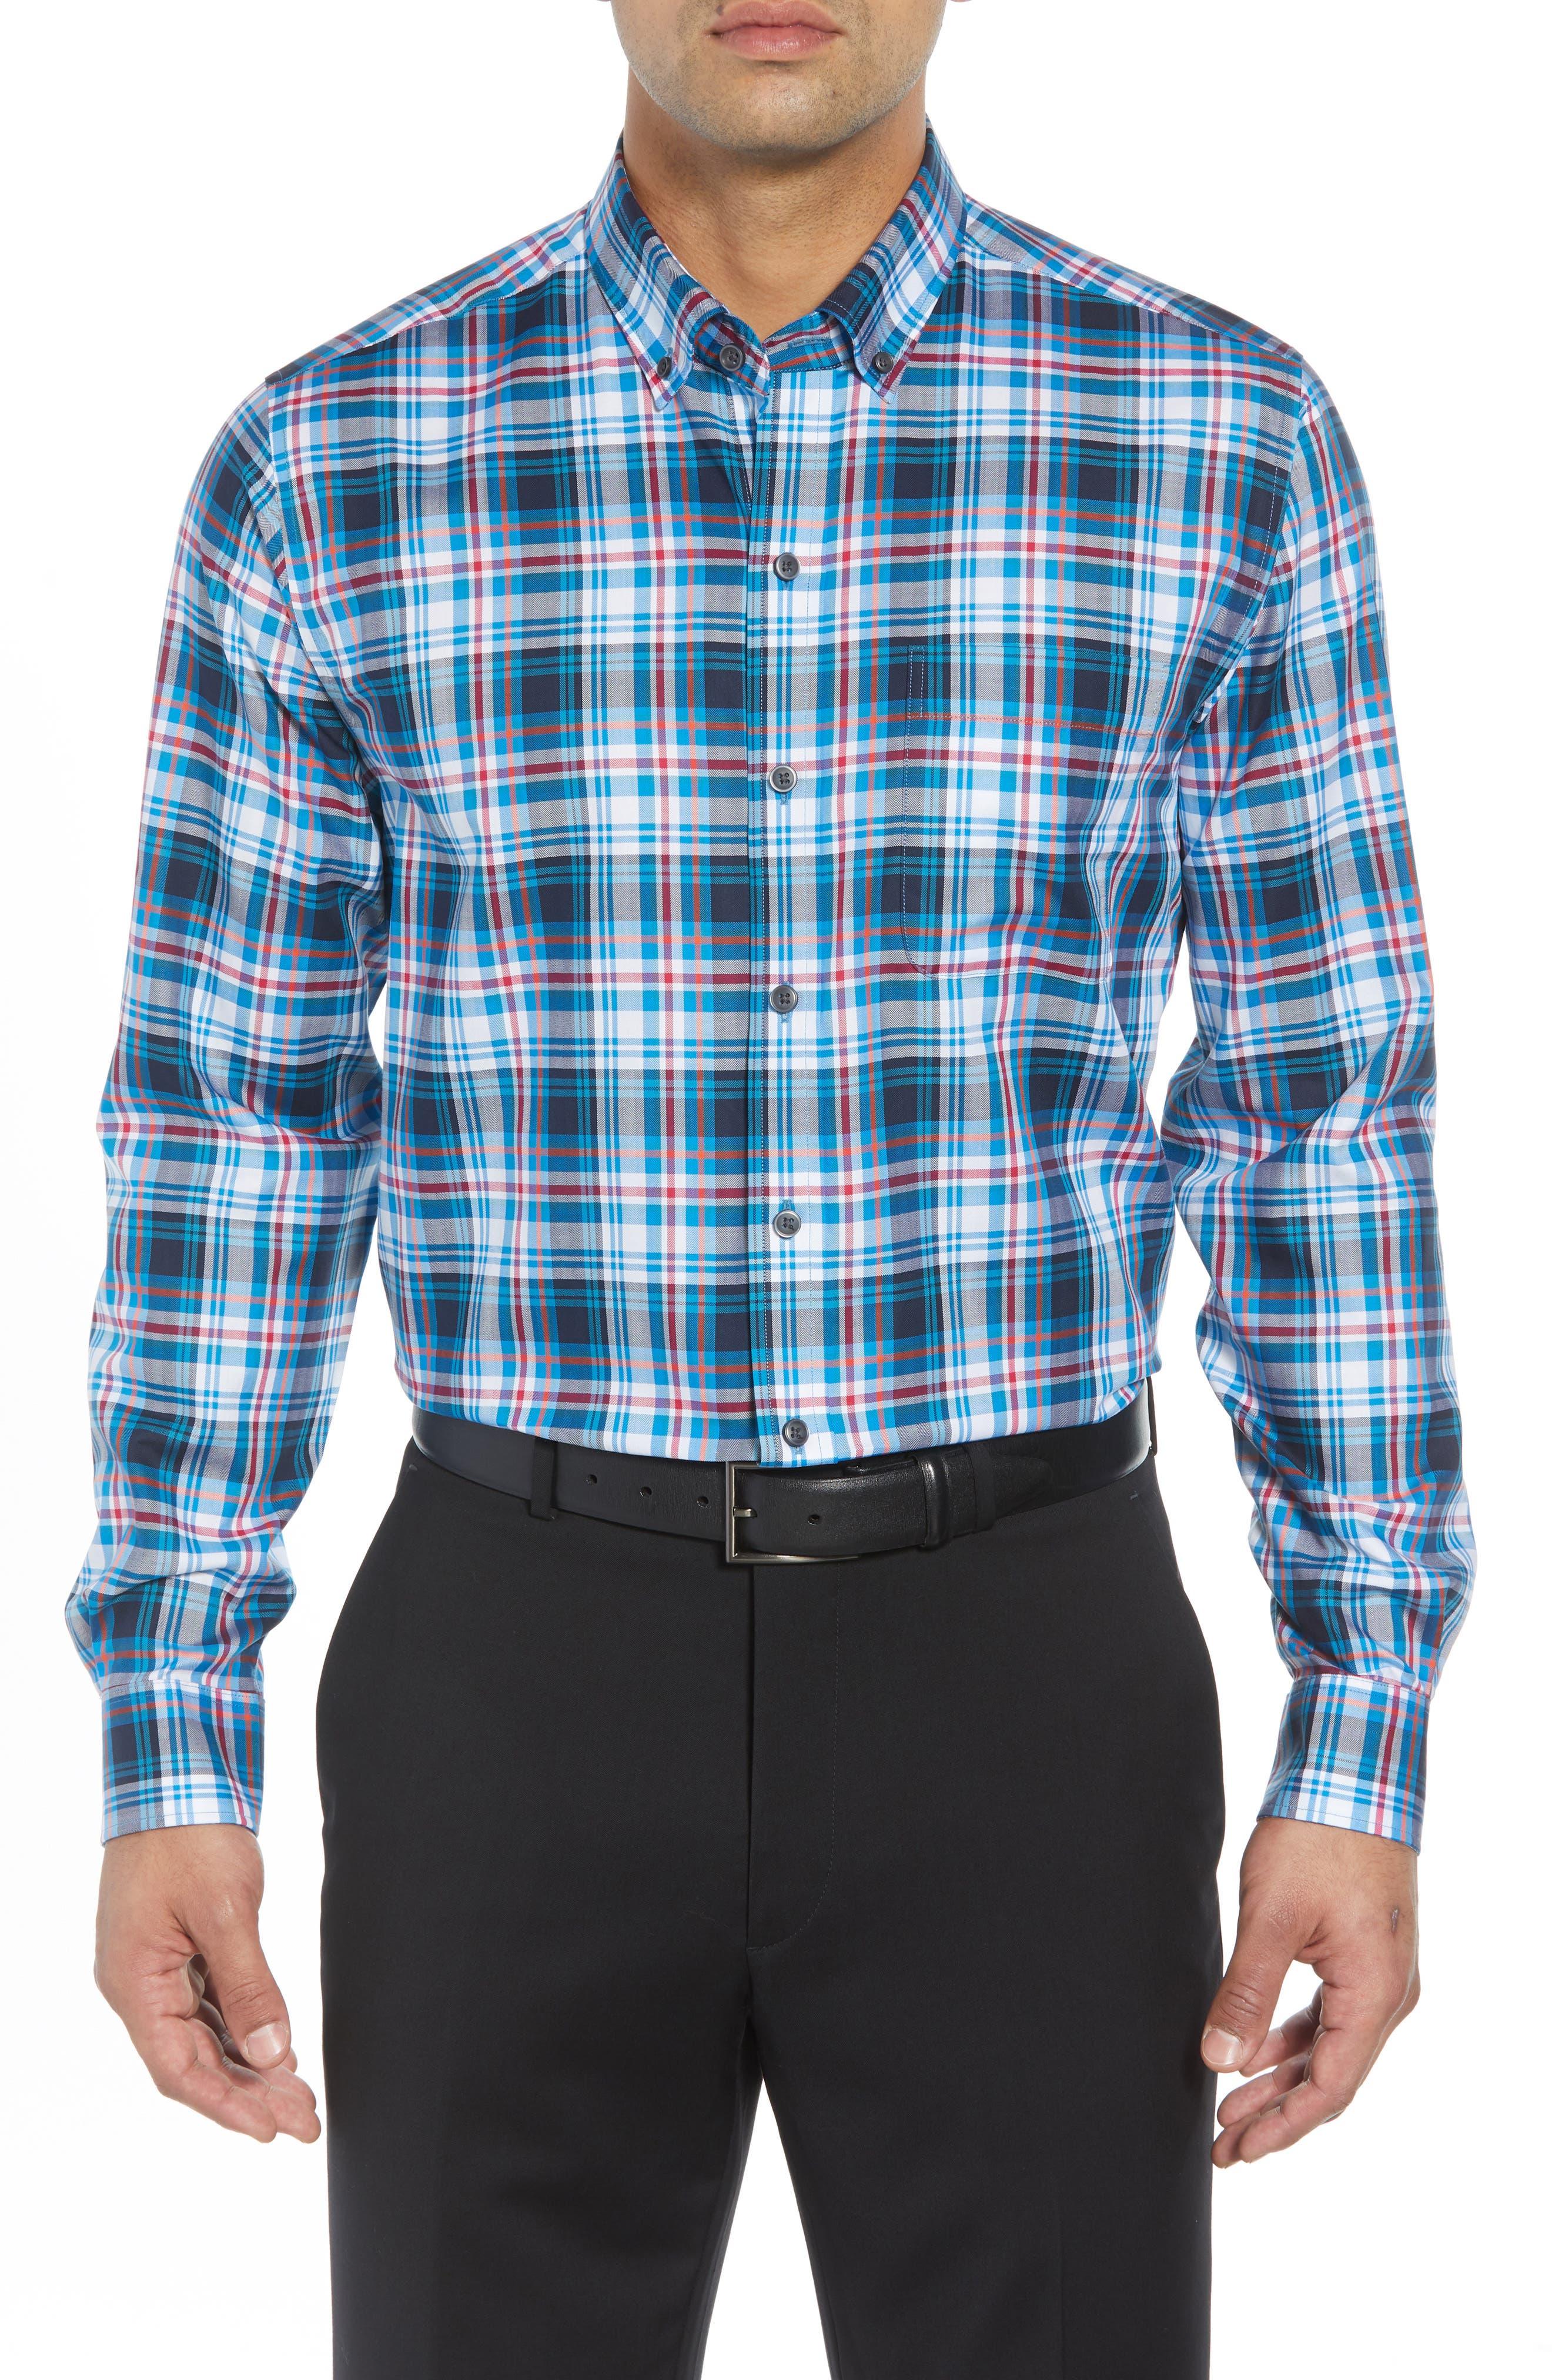 Cutter & Buck Brad Regular Fit Non-Iron Plaid Sport Shirt, Blue